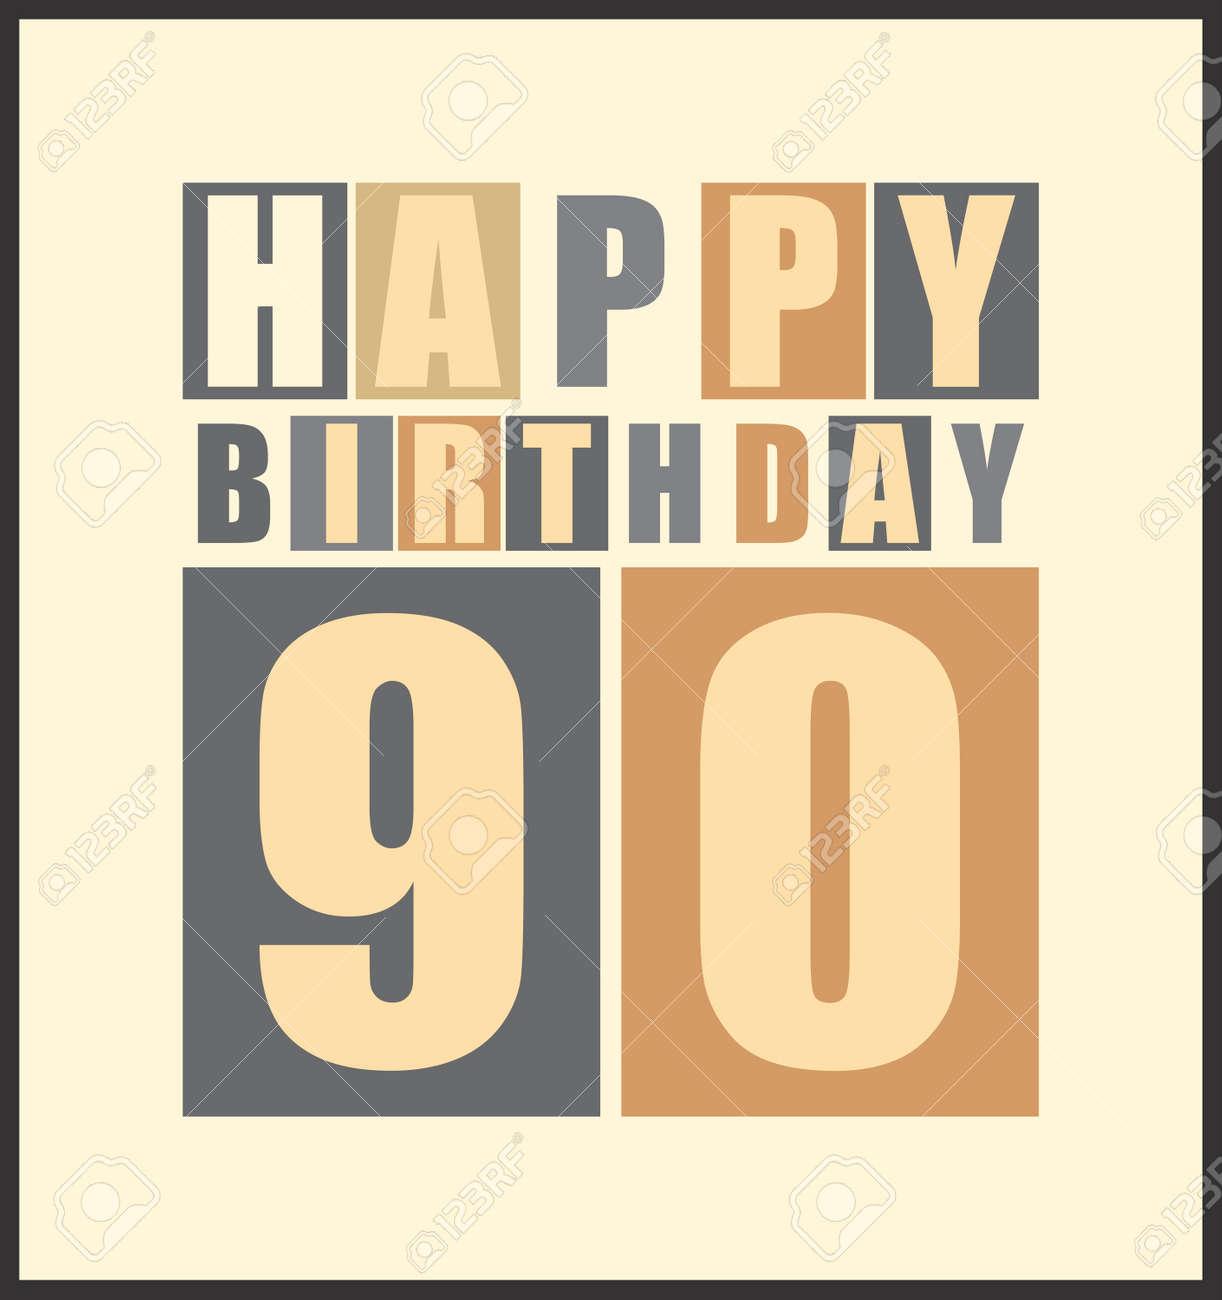 Tarjeta De Cumpleaños Feliz Retro Feliz Cumpleaños 90 Años Tarjeta De Regalo Ilustración Vectorial